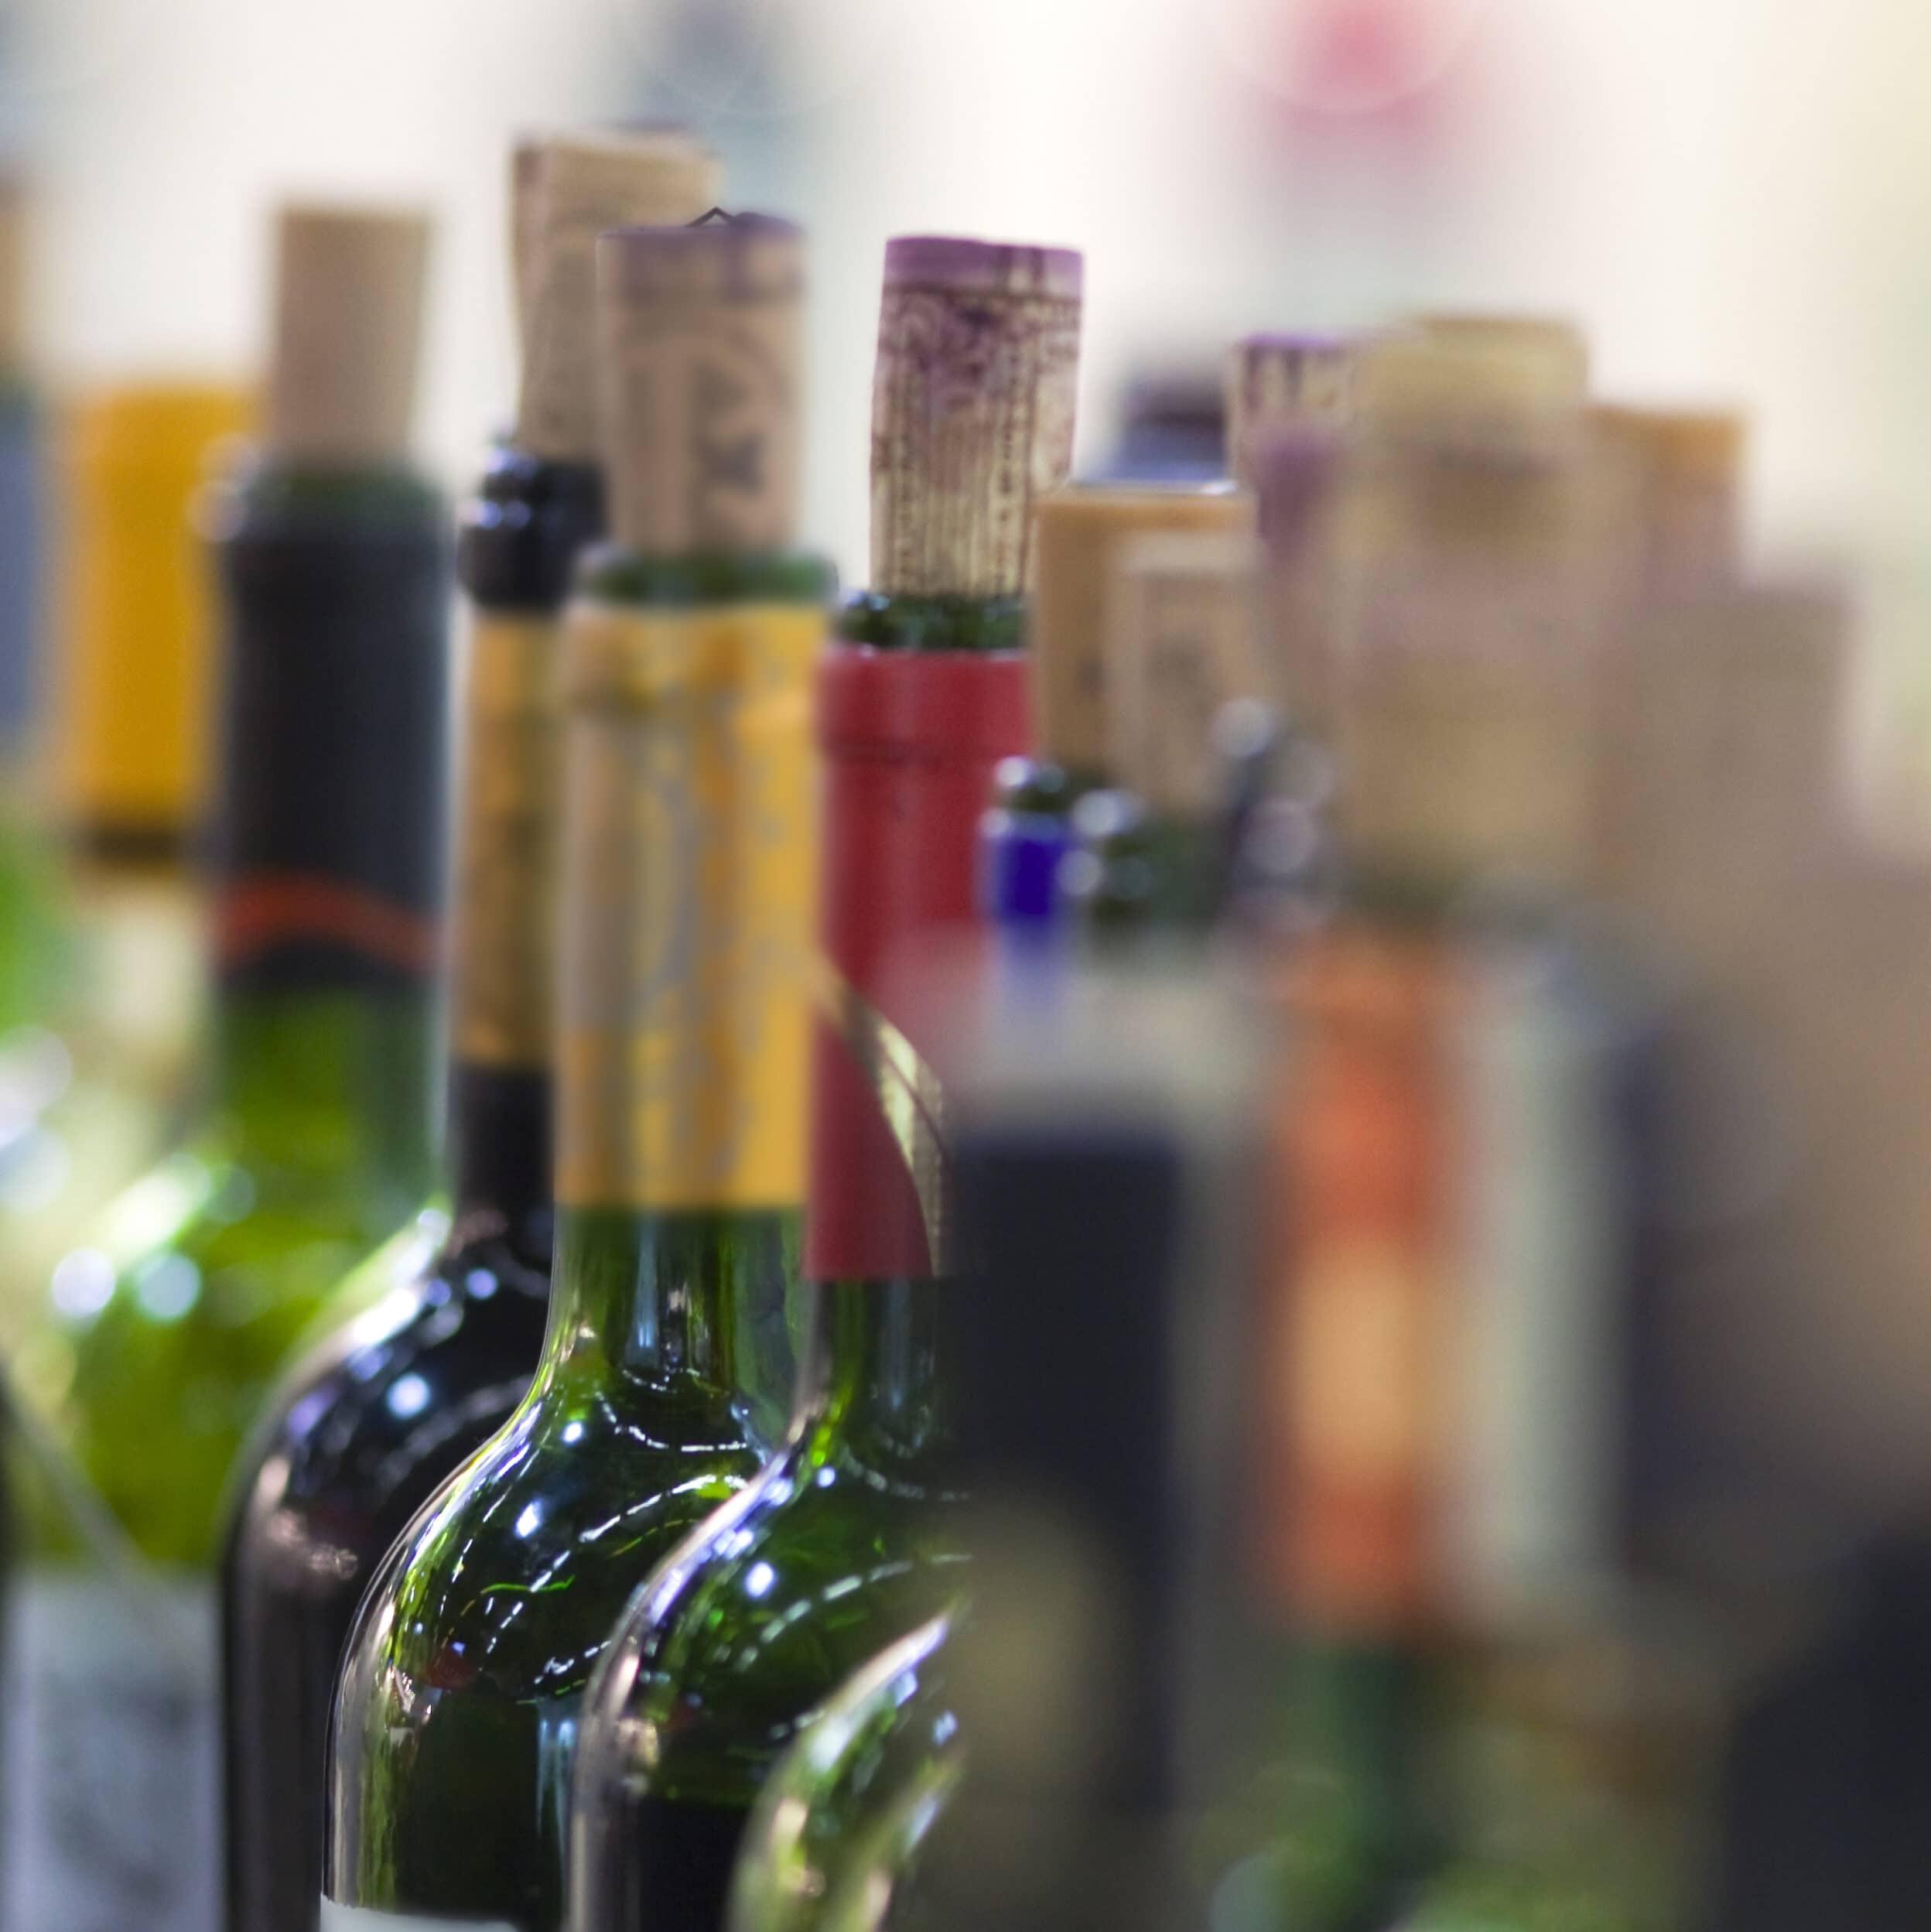 Bottle of red wine in a winery near Bordeaux, France